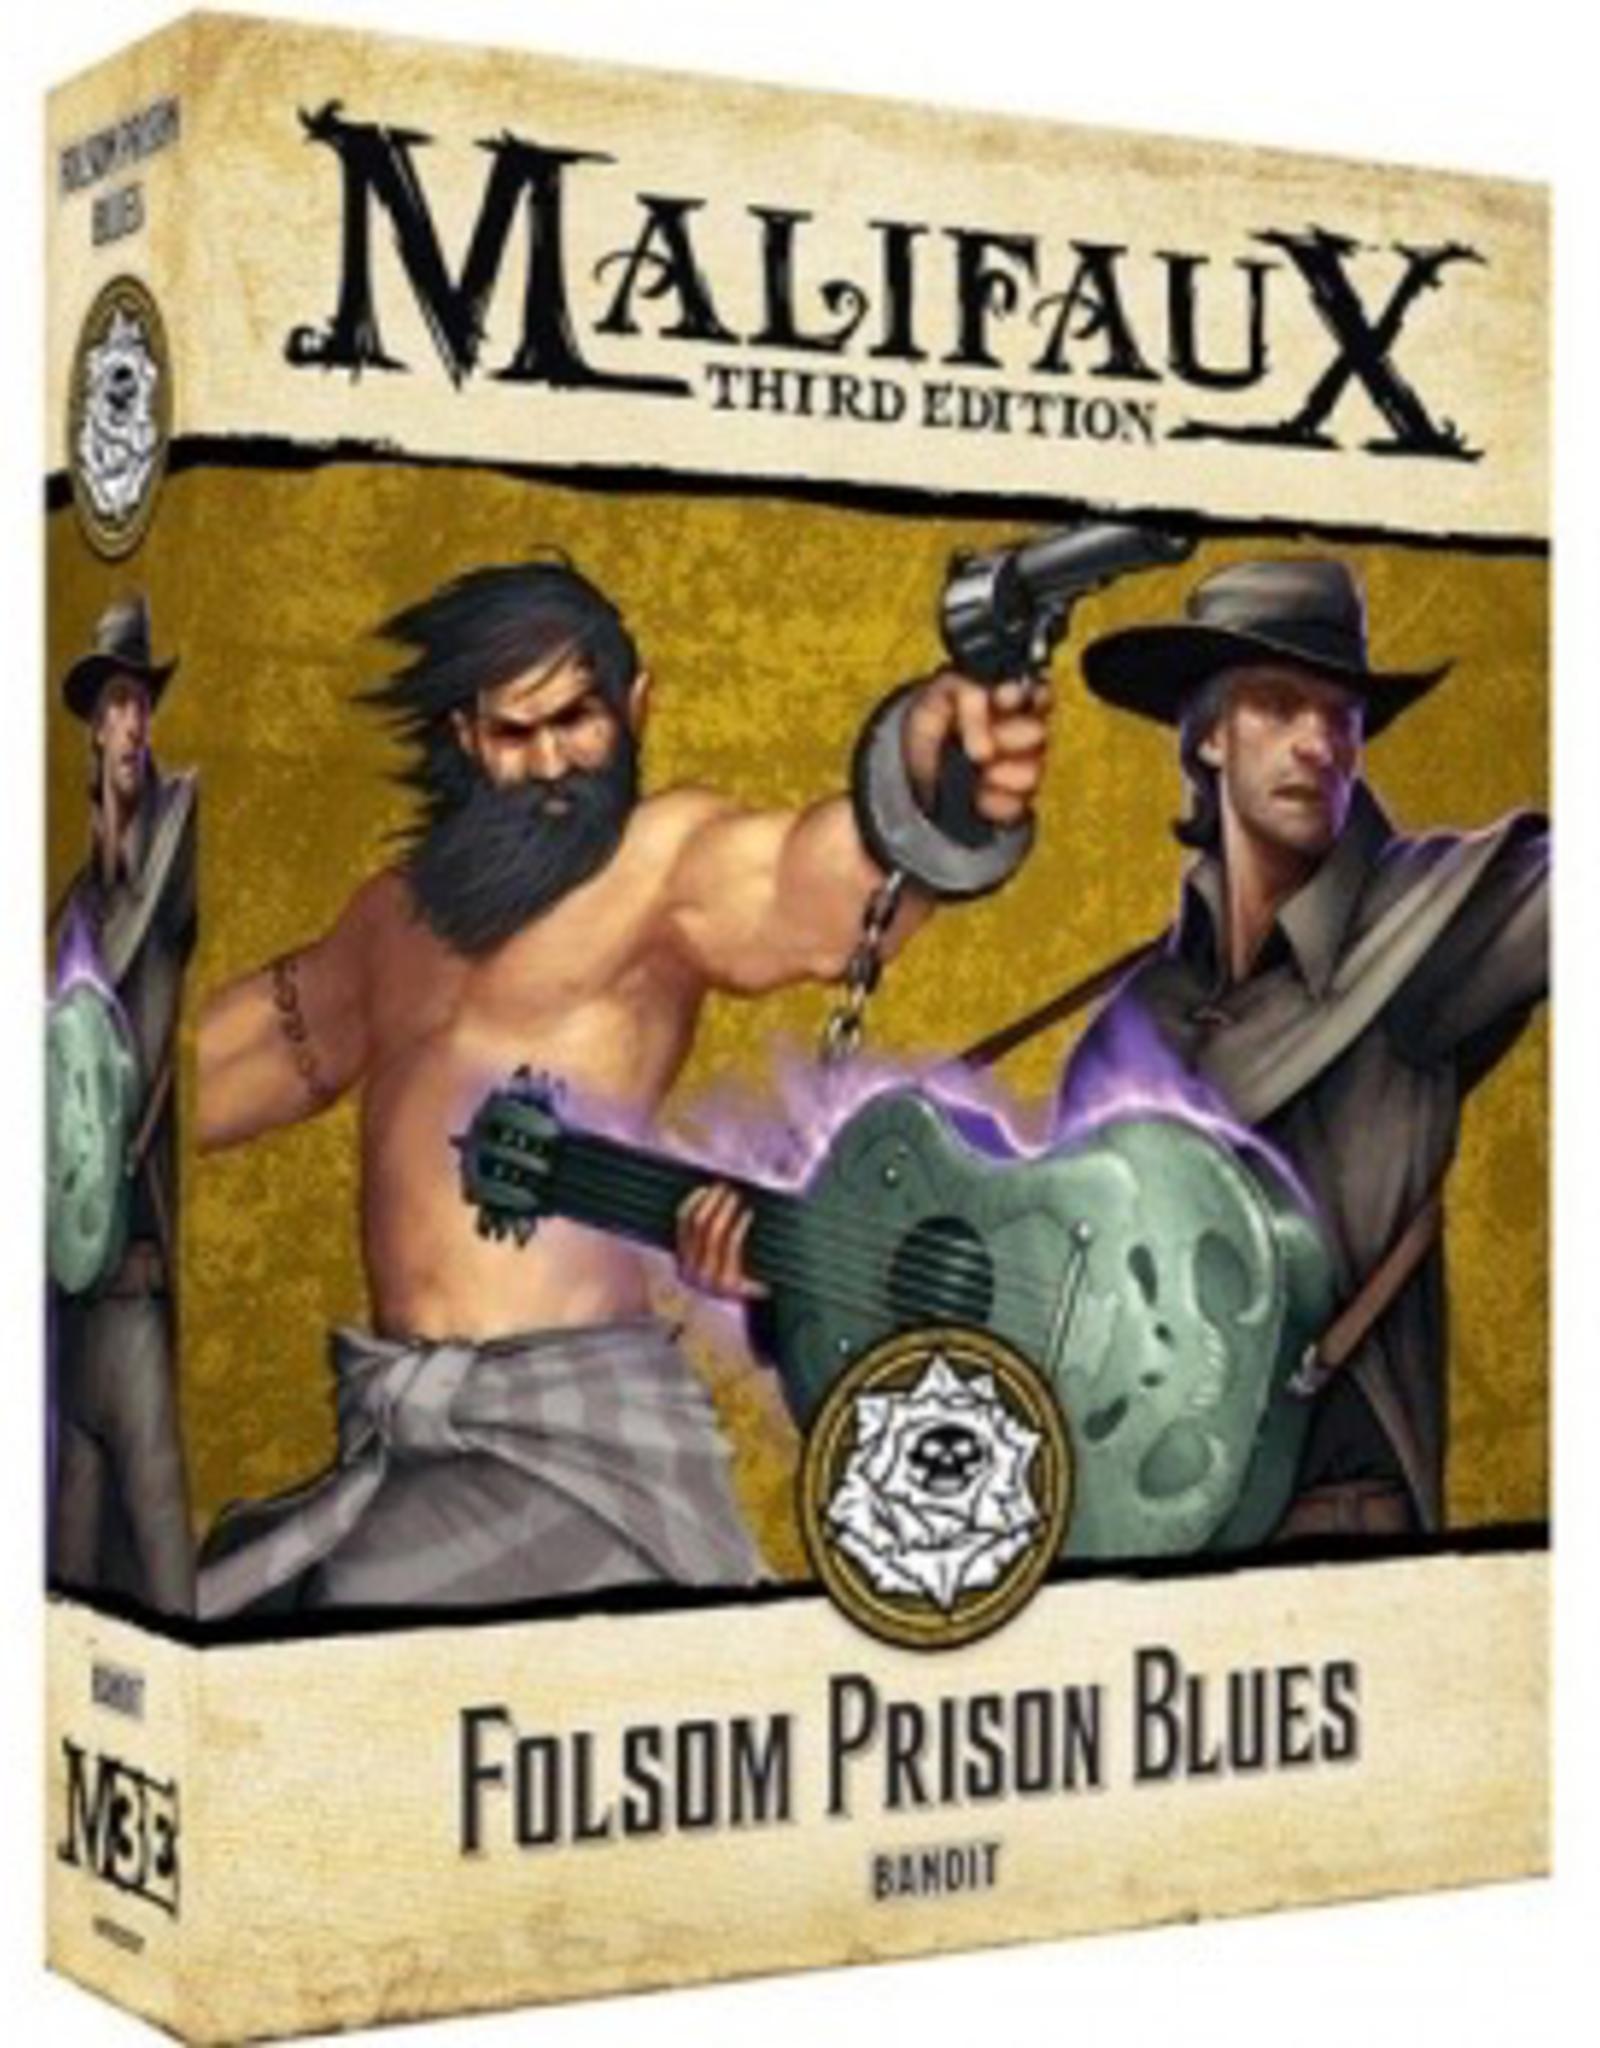 WYR - Malifaux Miniaturen Malifaux 3rd Edition - Folsom Prison Blues - EN